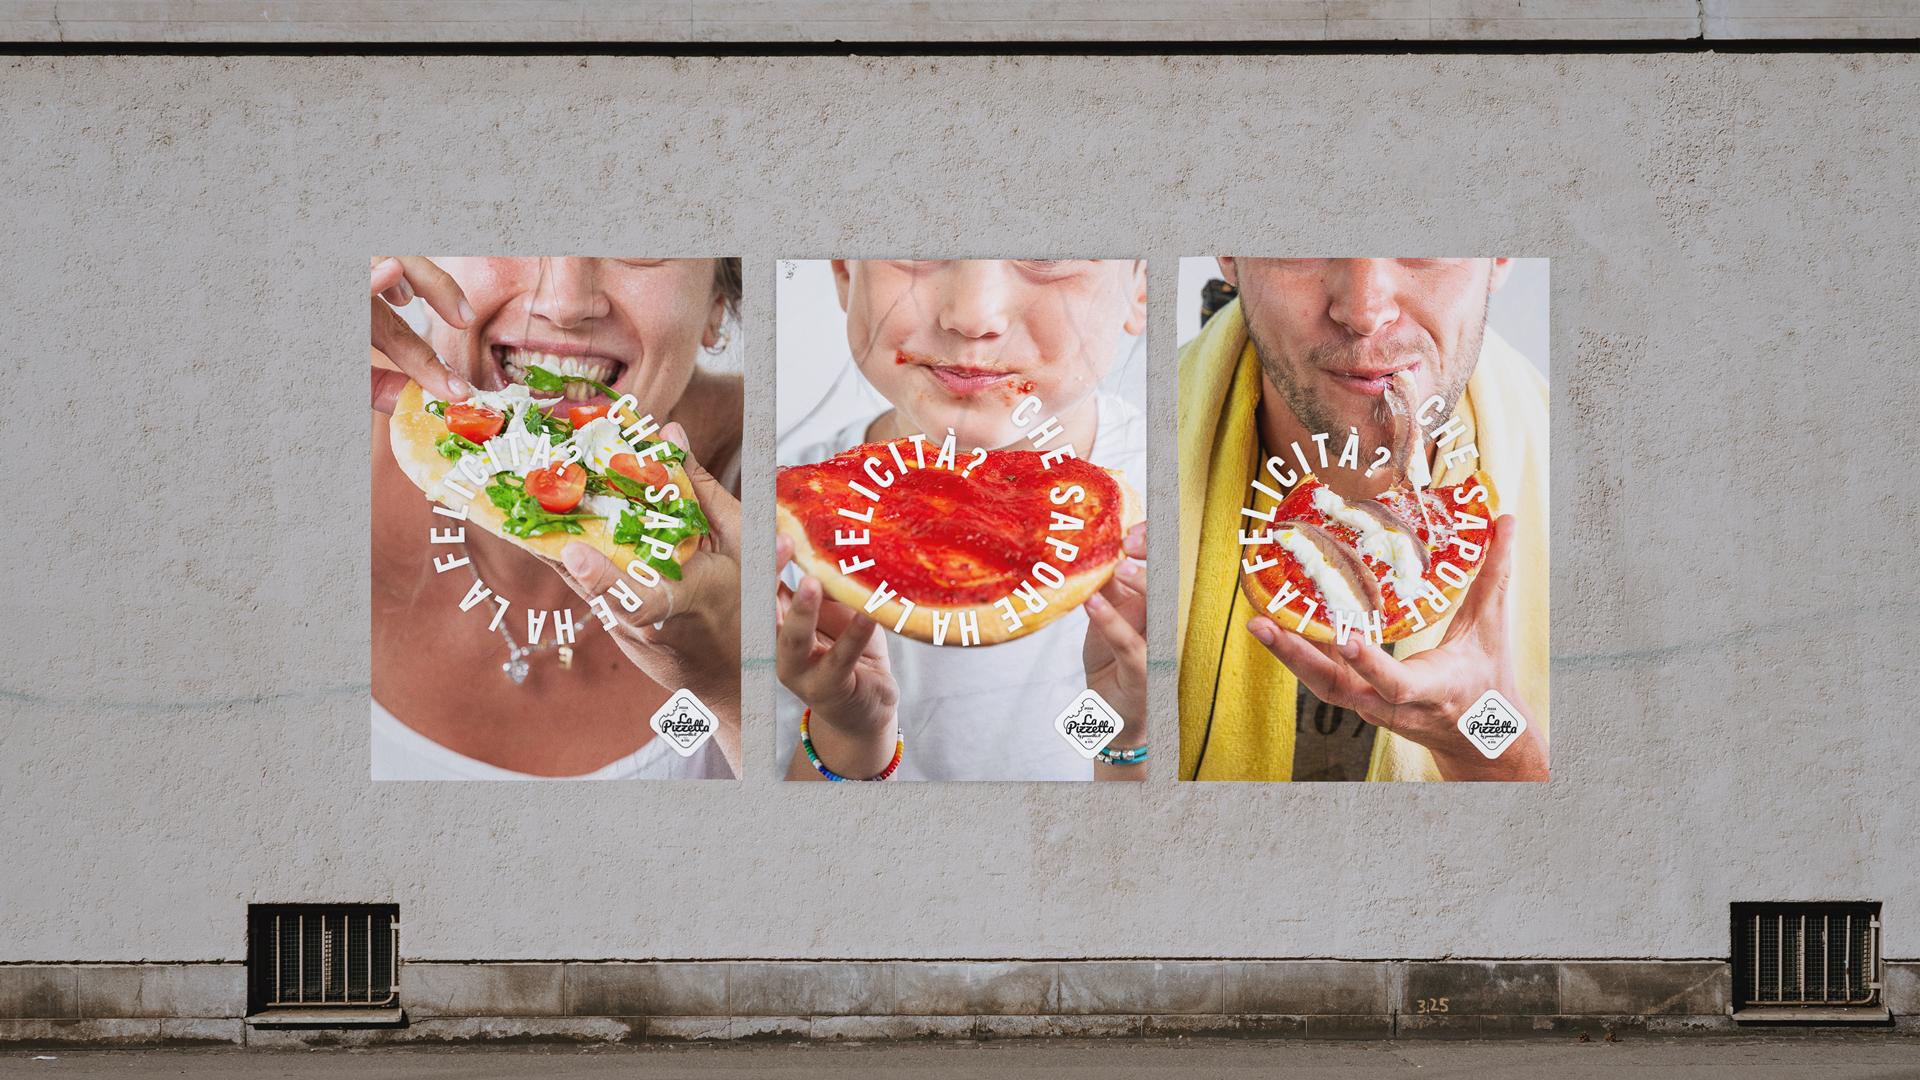 Webeing_La-Pizzetta_Campagna-Apertura_Poster